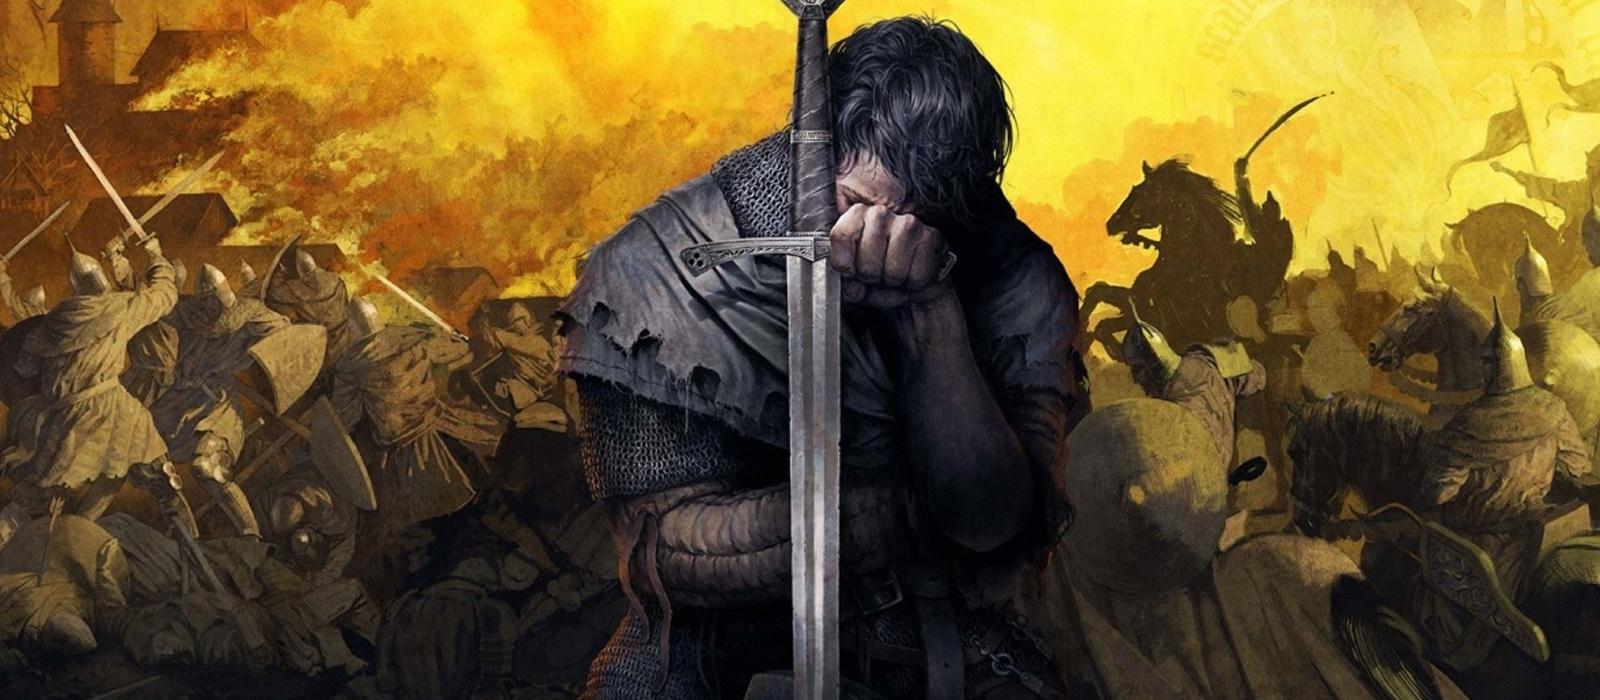 Die Autoren von The Witcher 3 für Nintendo Switch portieren ein erfolgreiches Rollenspiel über das Mittelalter